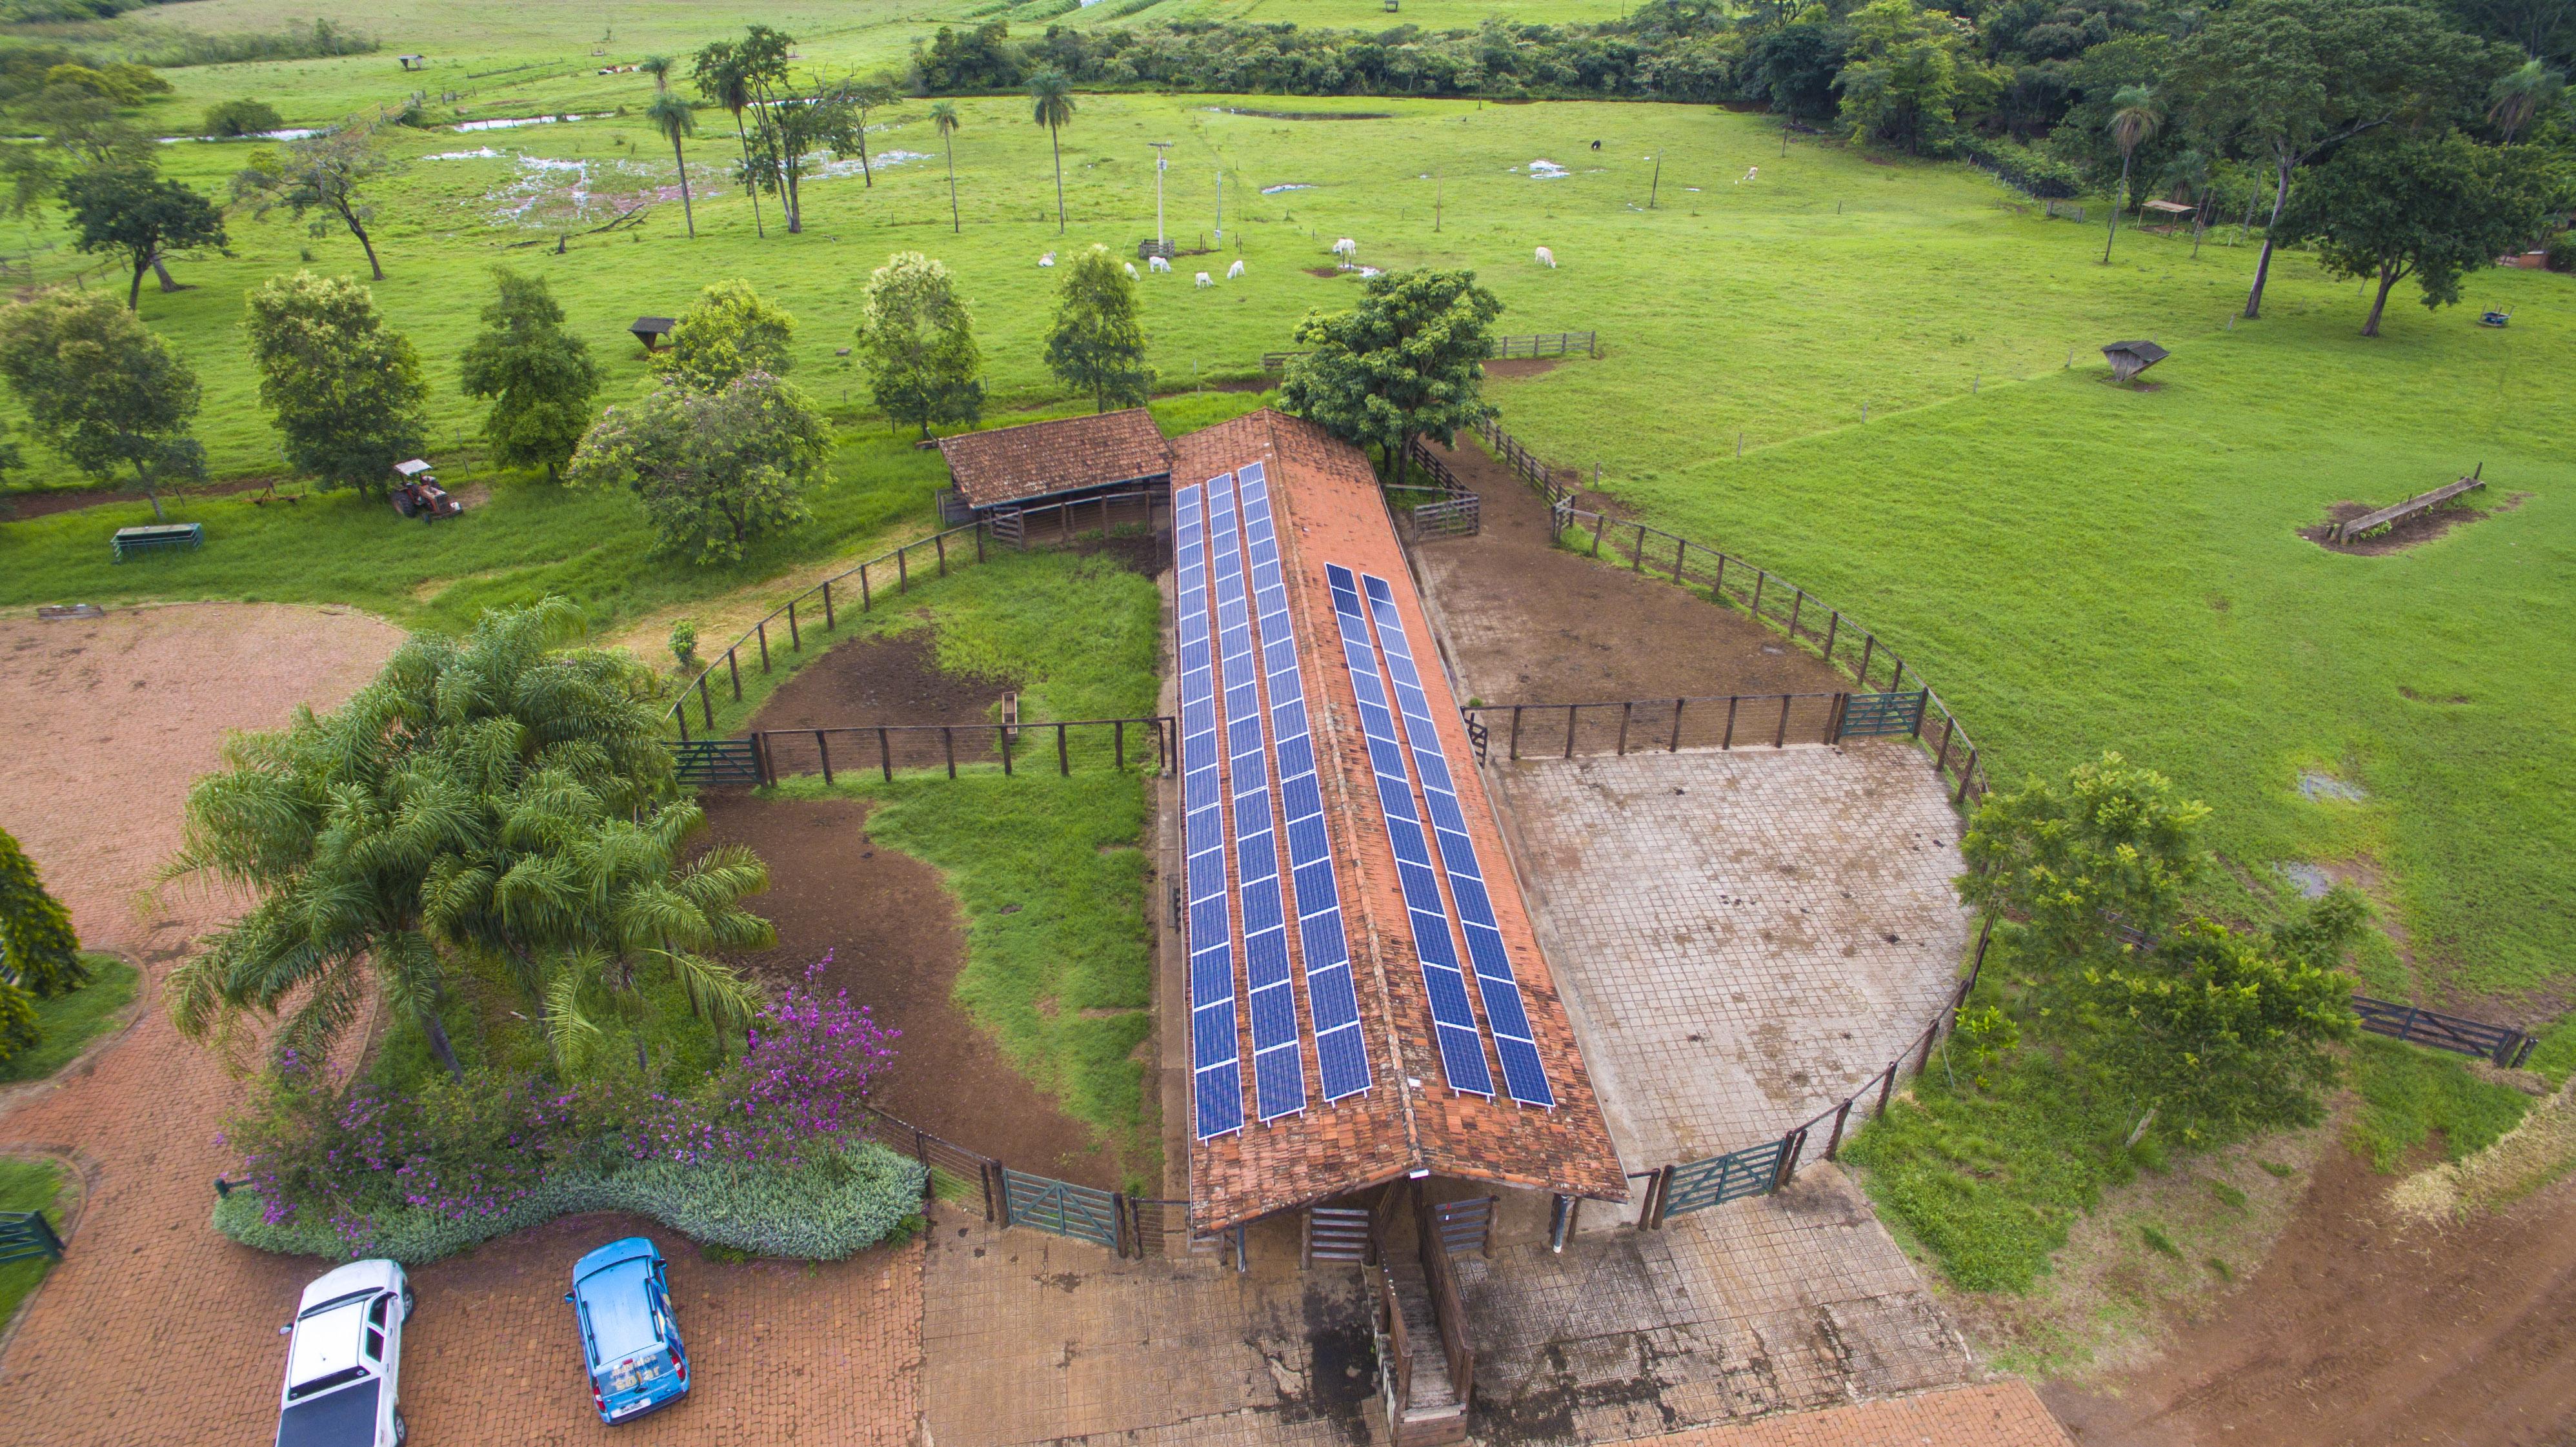 energia solar para irrigação _ sistema fotovoltaico em propriedade rural